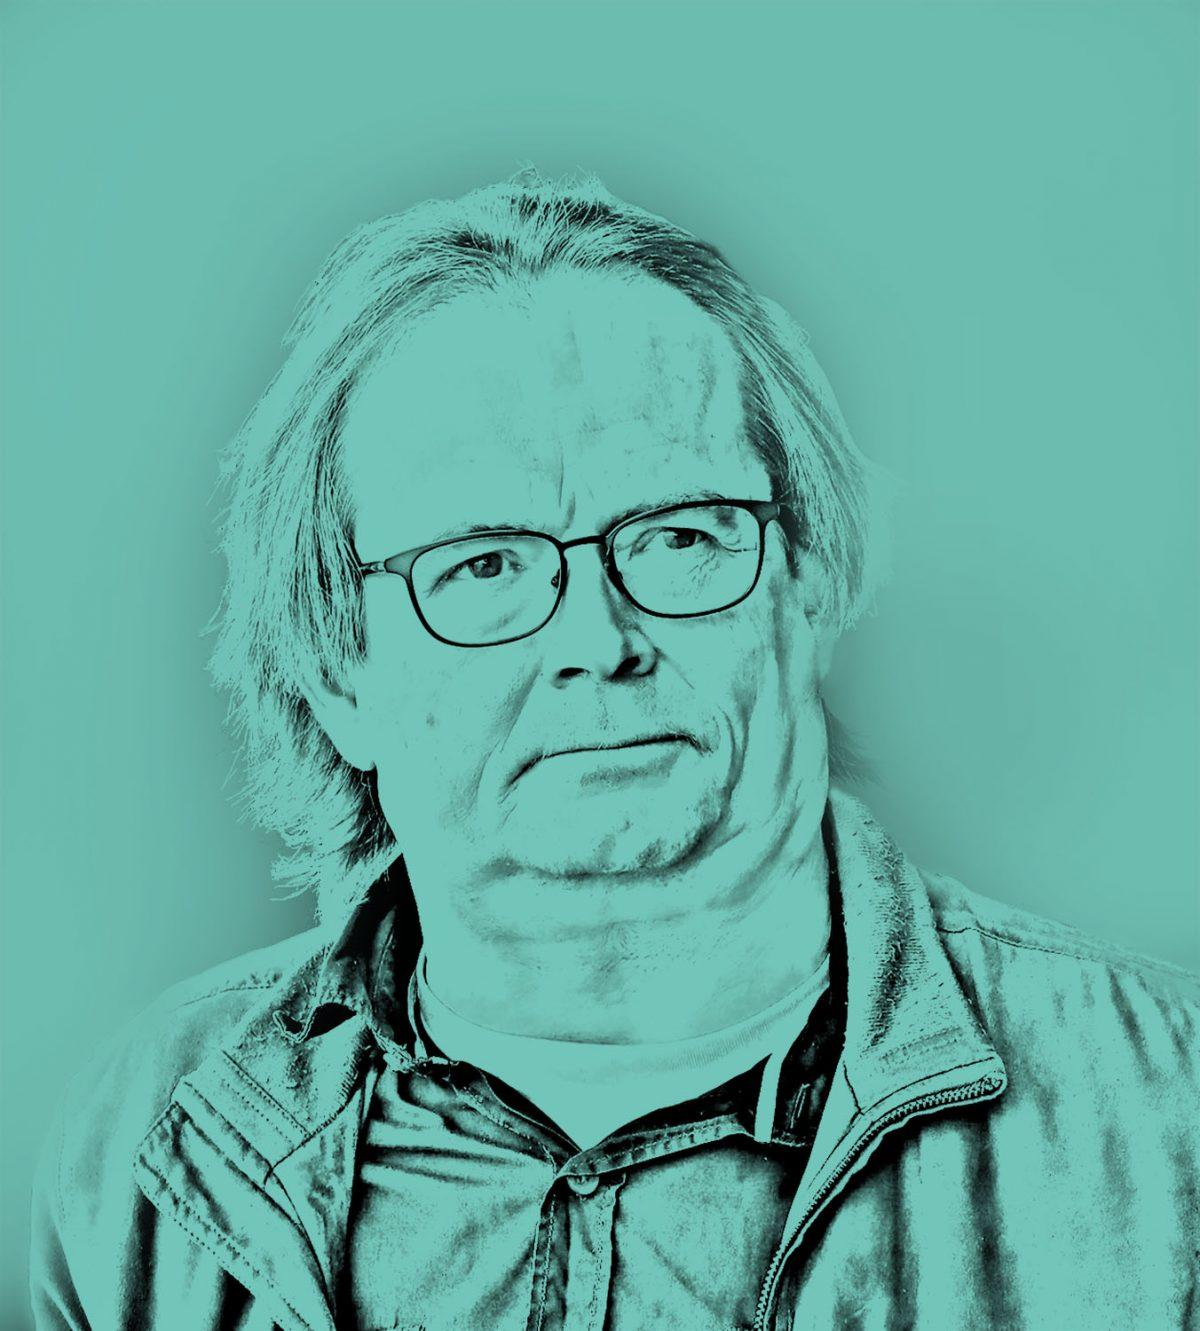 VIERAILIJA: Ilkka Kiema: Kauanko talouskasvu vielä jatkuu?